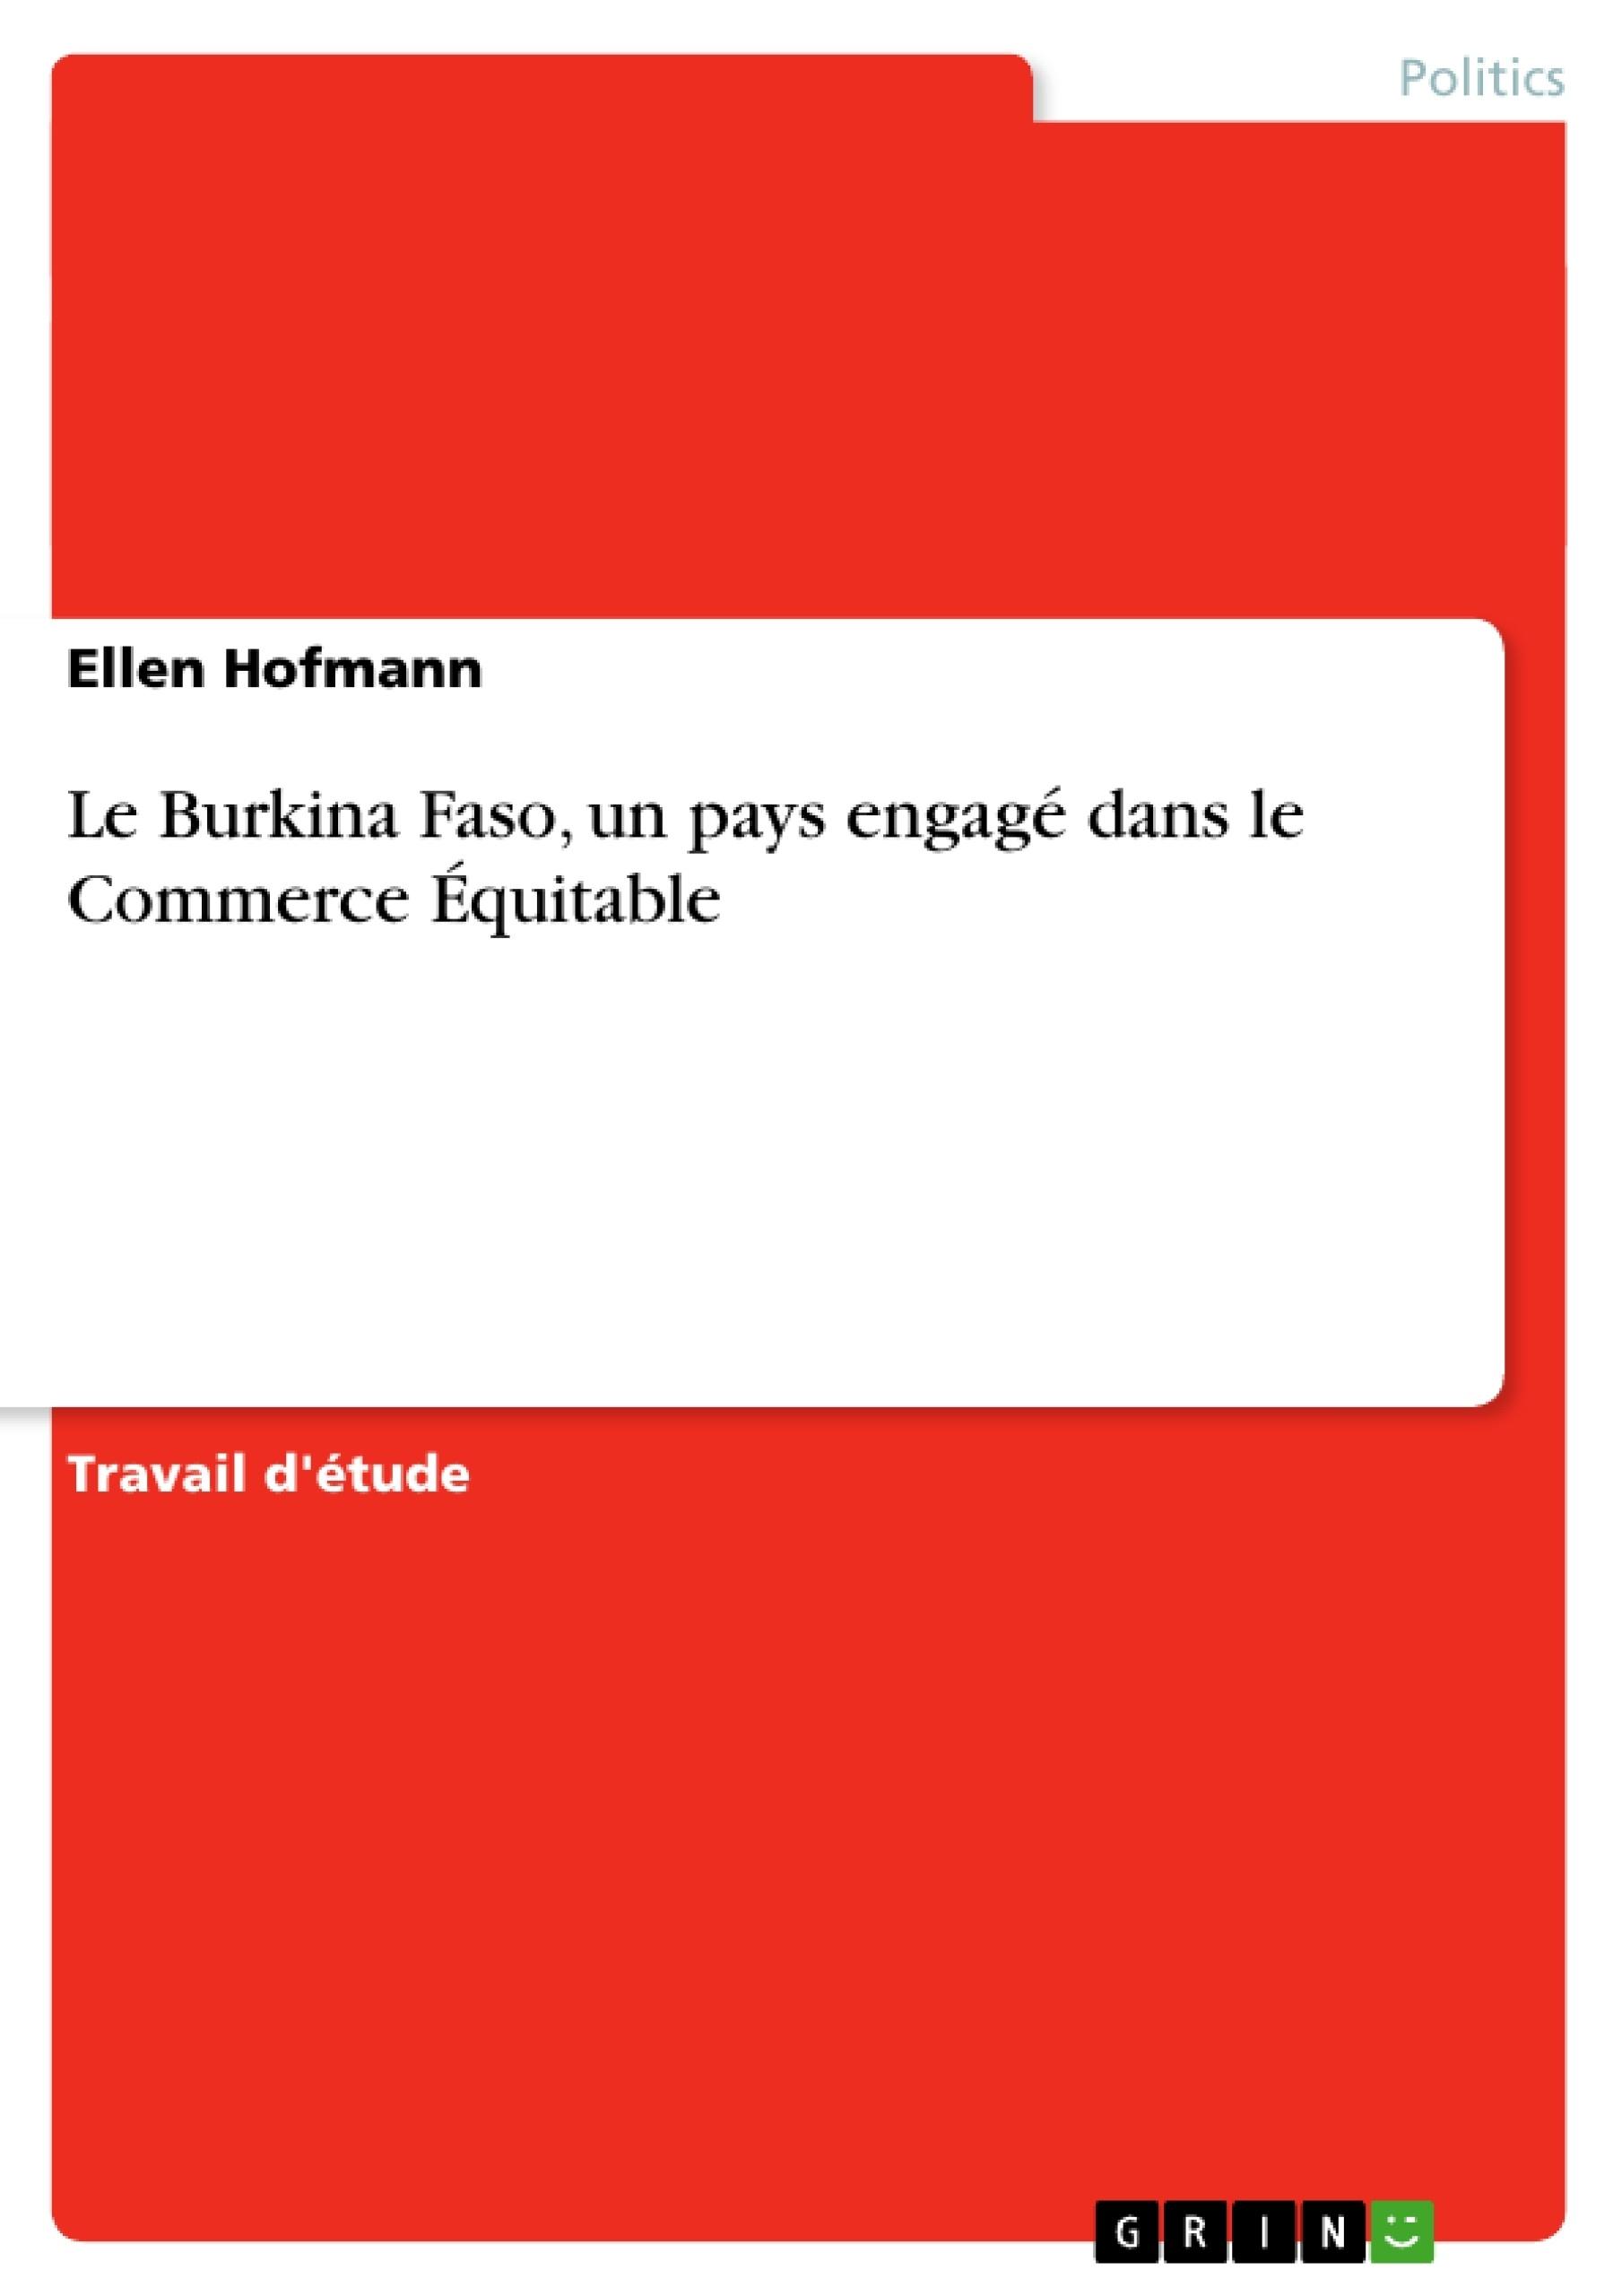 Titre: Le Burkina Faso, un pays engagé dans le Commerce Équitable